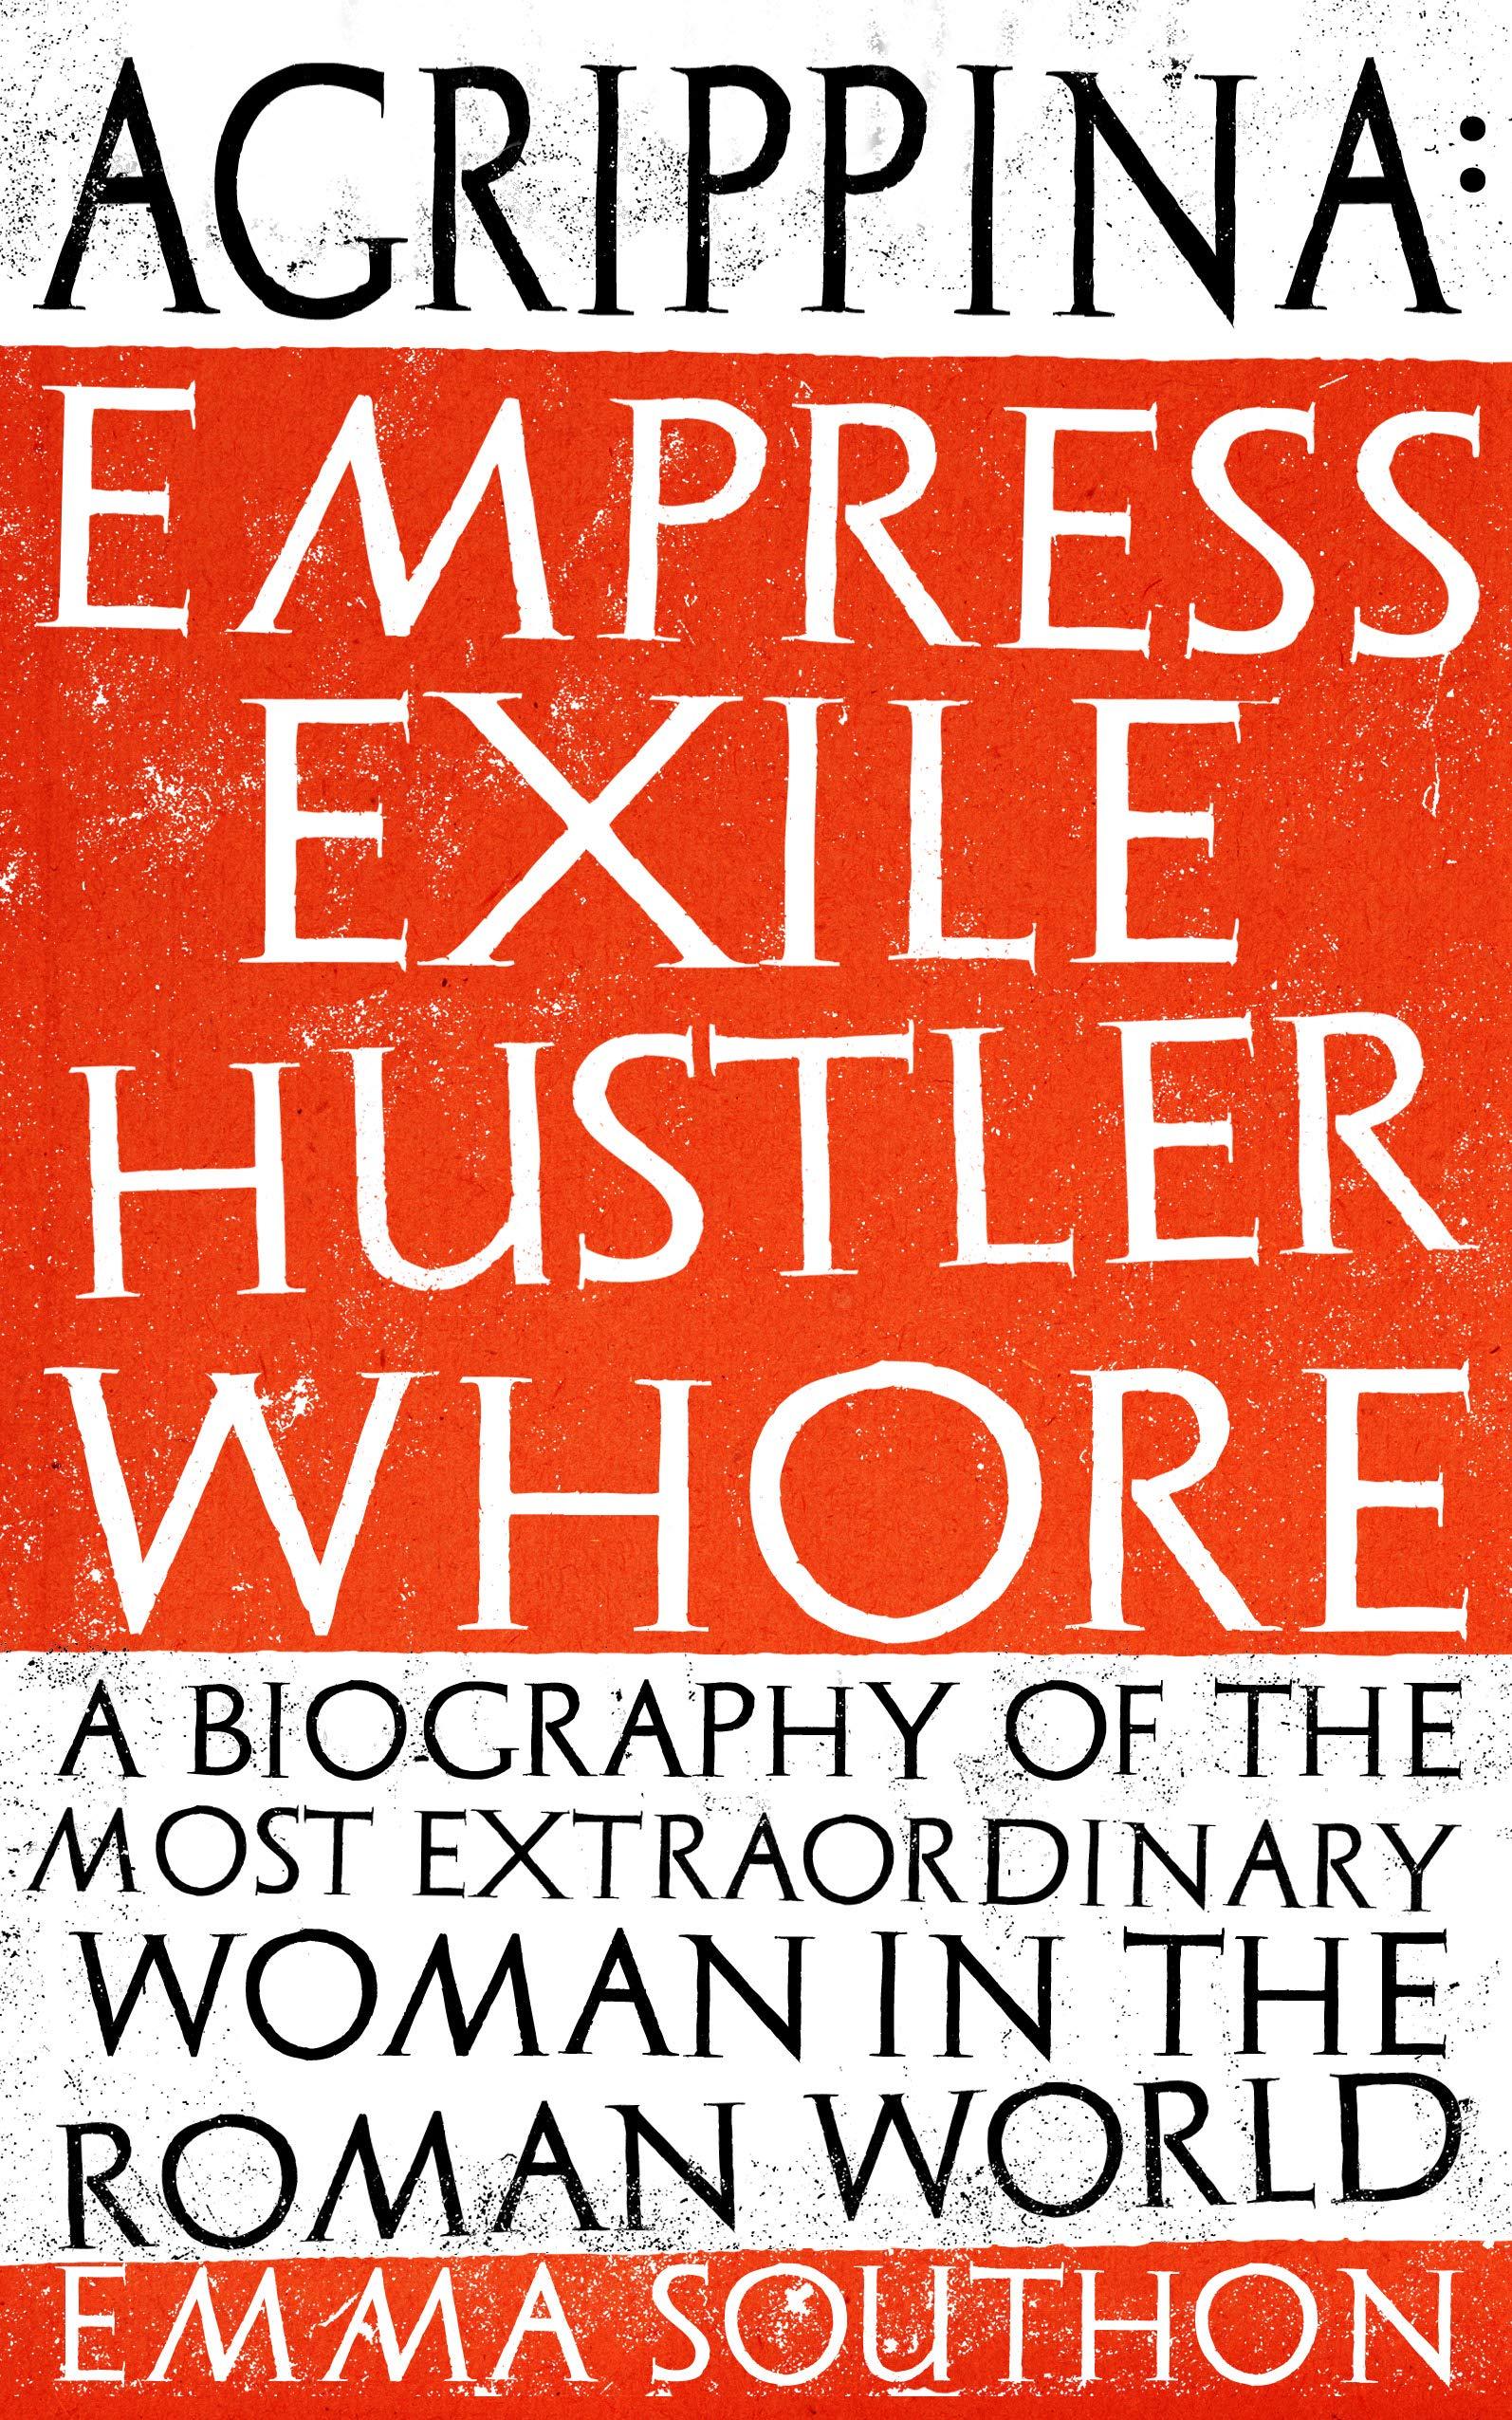 Agrippina: Empress, Exile, Hustler, Whore por Emma Southon